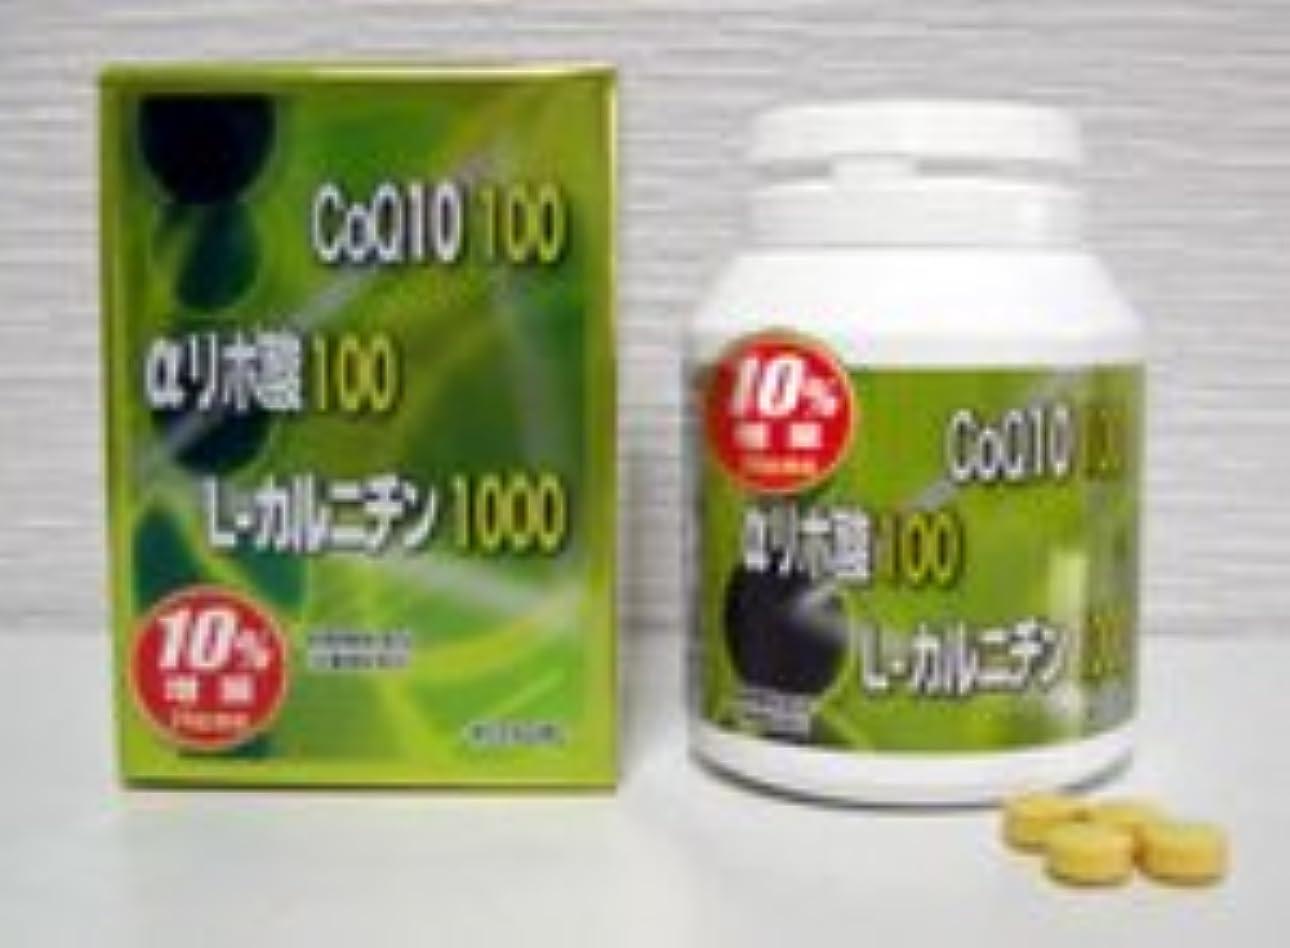 摂氏極地忘れられないダイエットサプリ CoQ10+αリポ酸+L-カルニチン 102.96g(390mg×約264粒)